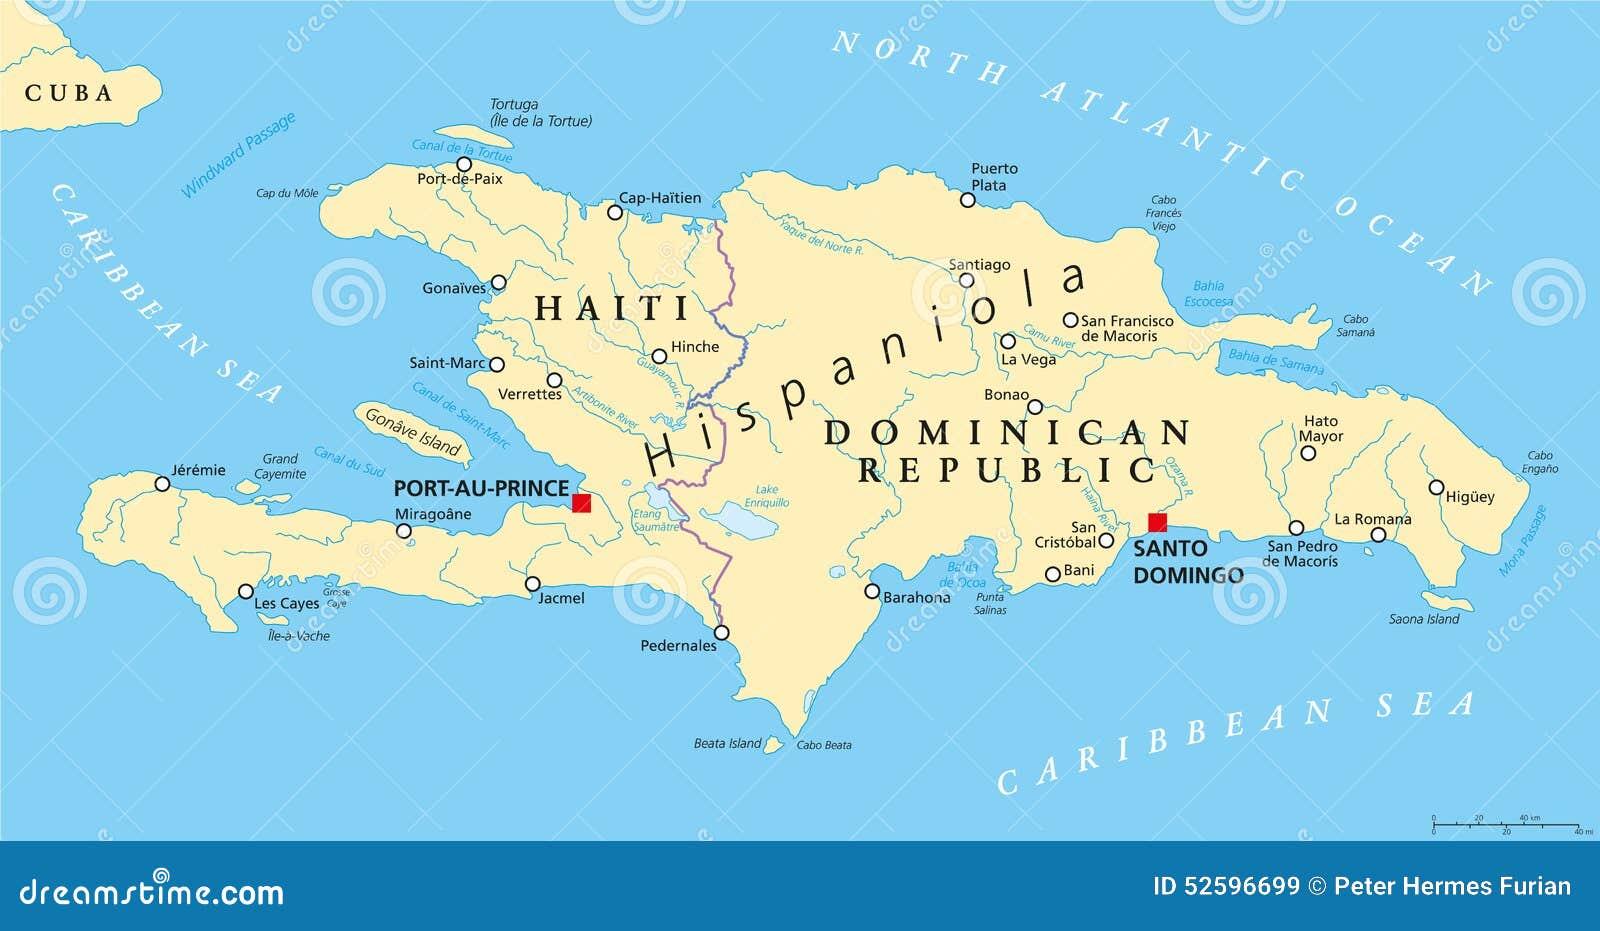 与海地和多米尼加共和国的伊斯帕尼奥拉岛政治地图,位于加勒比岛小组图片